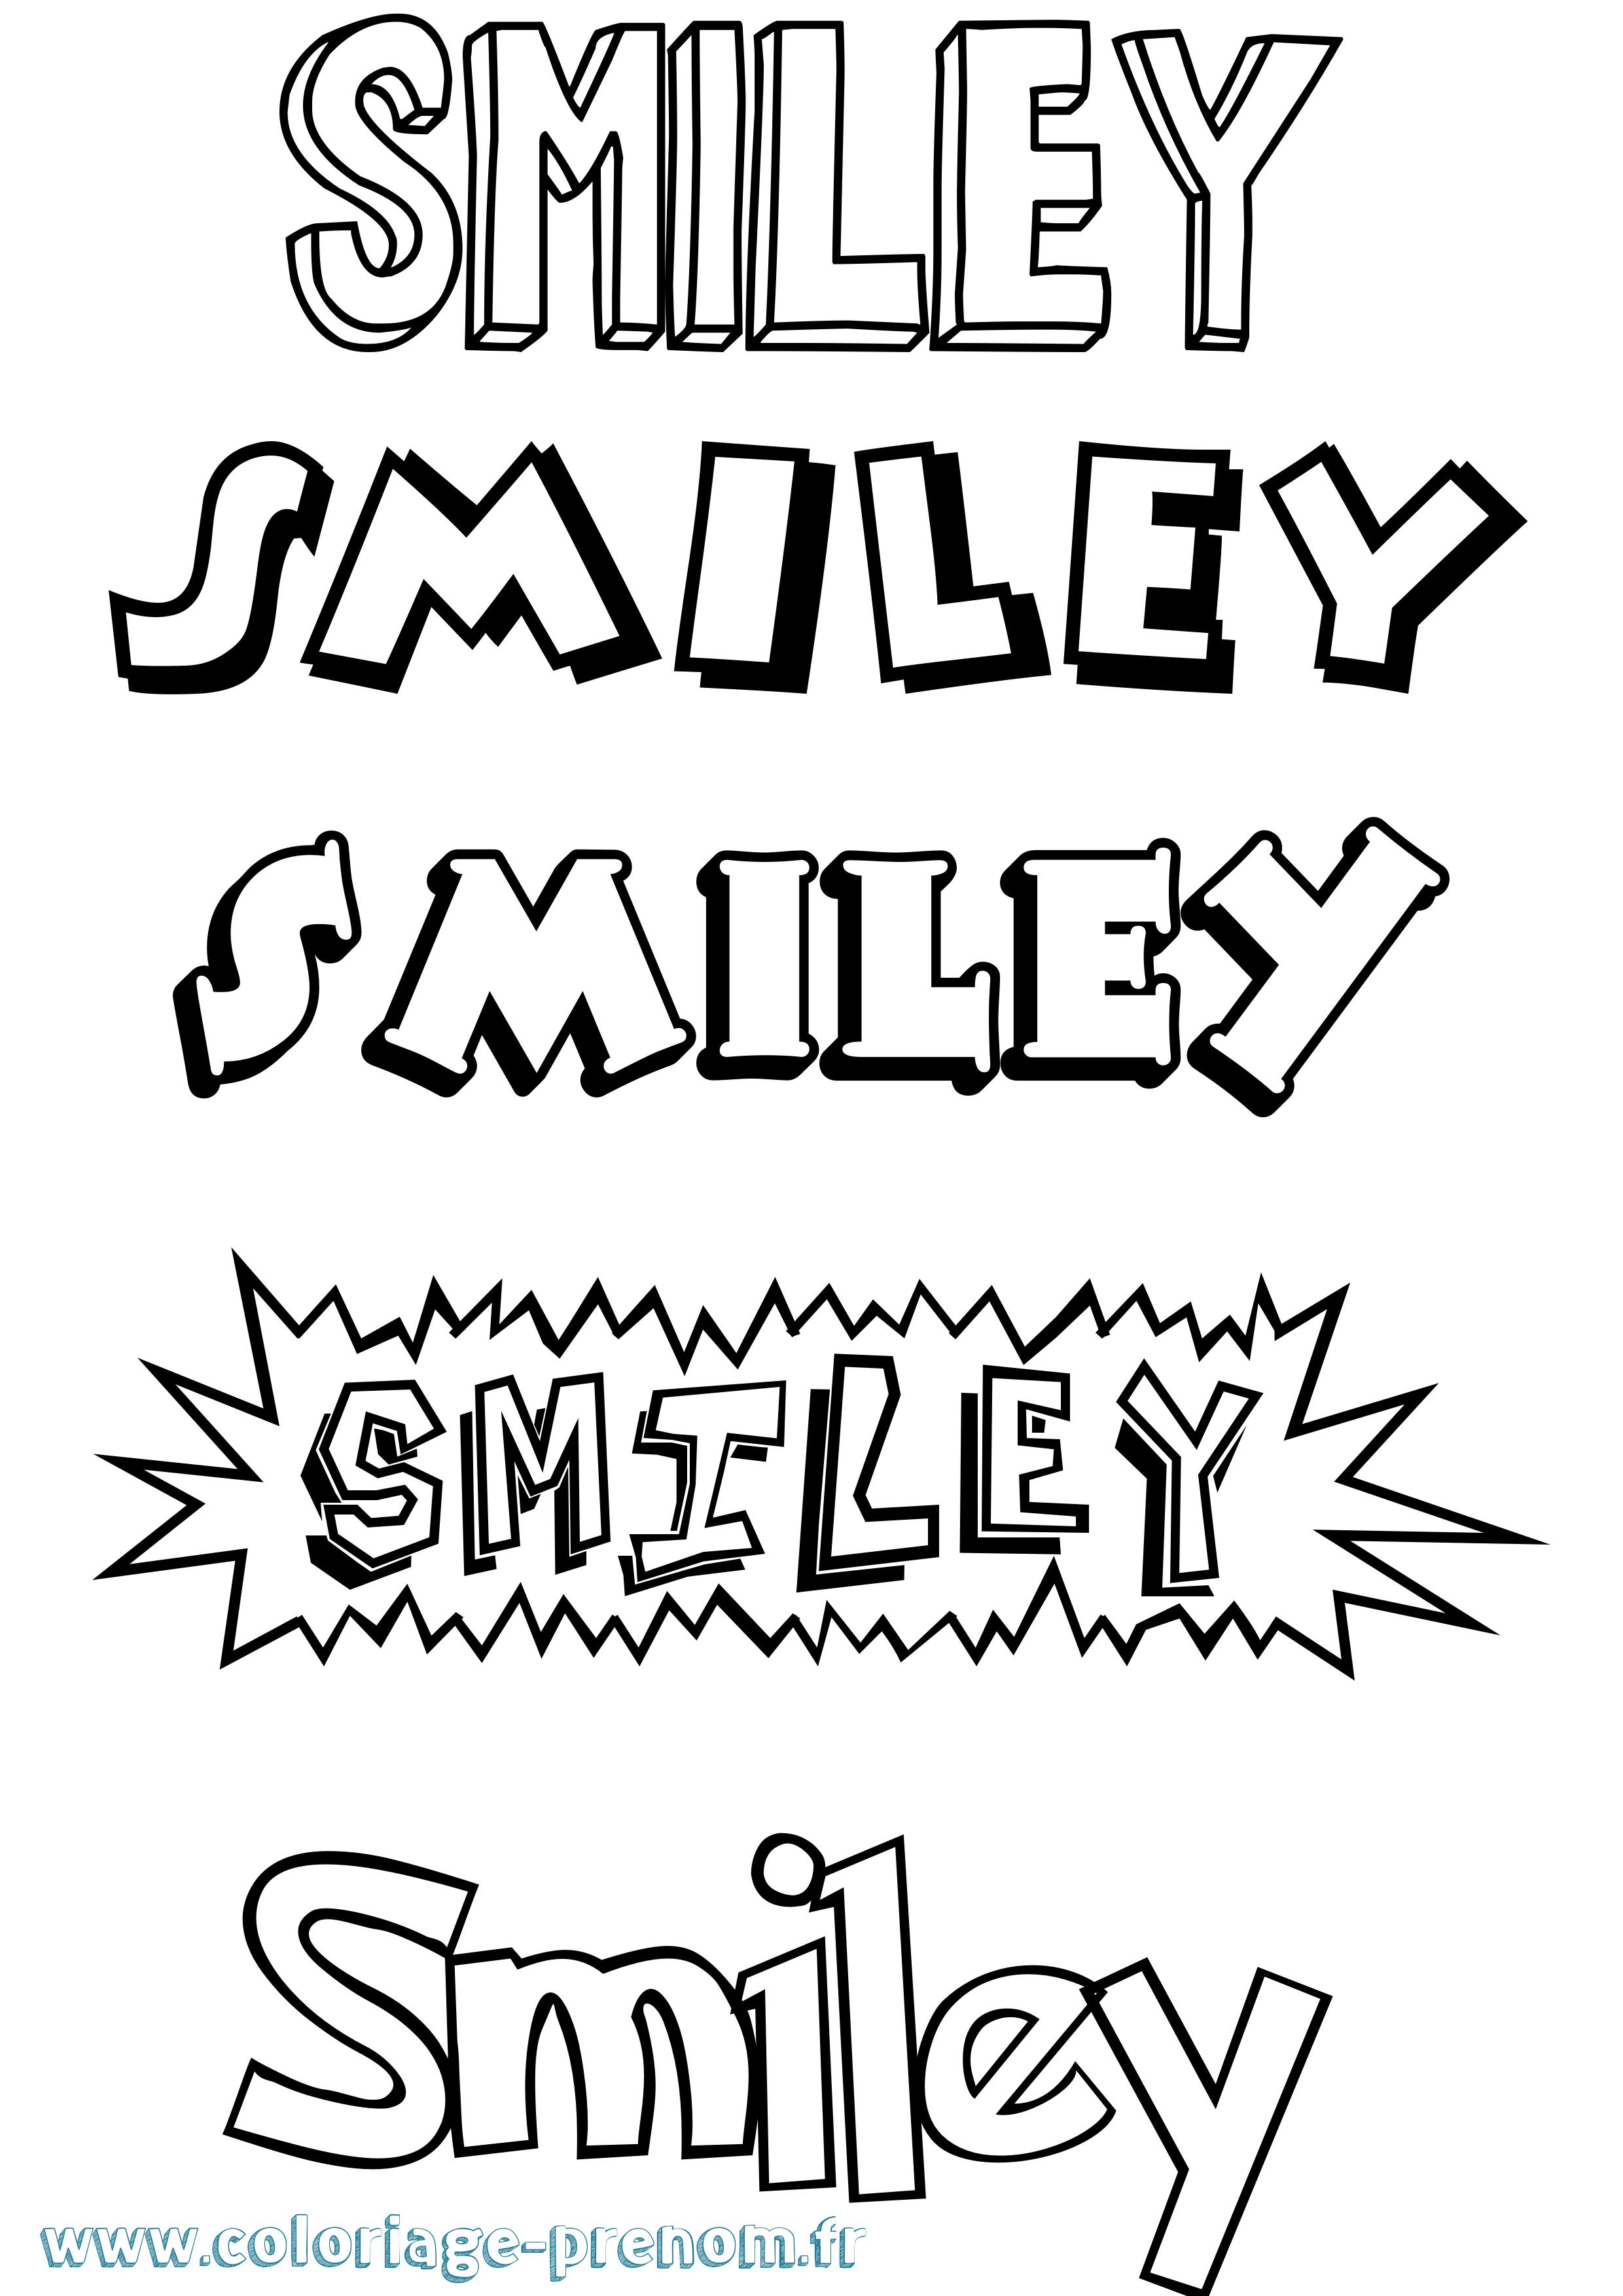 Coloriage du pr nom smiley imprimer ou t l charger facilement - Dessins de smiley ...